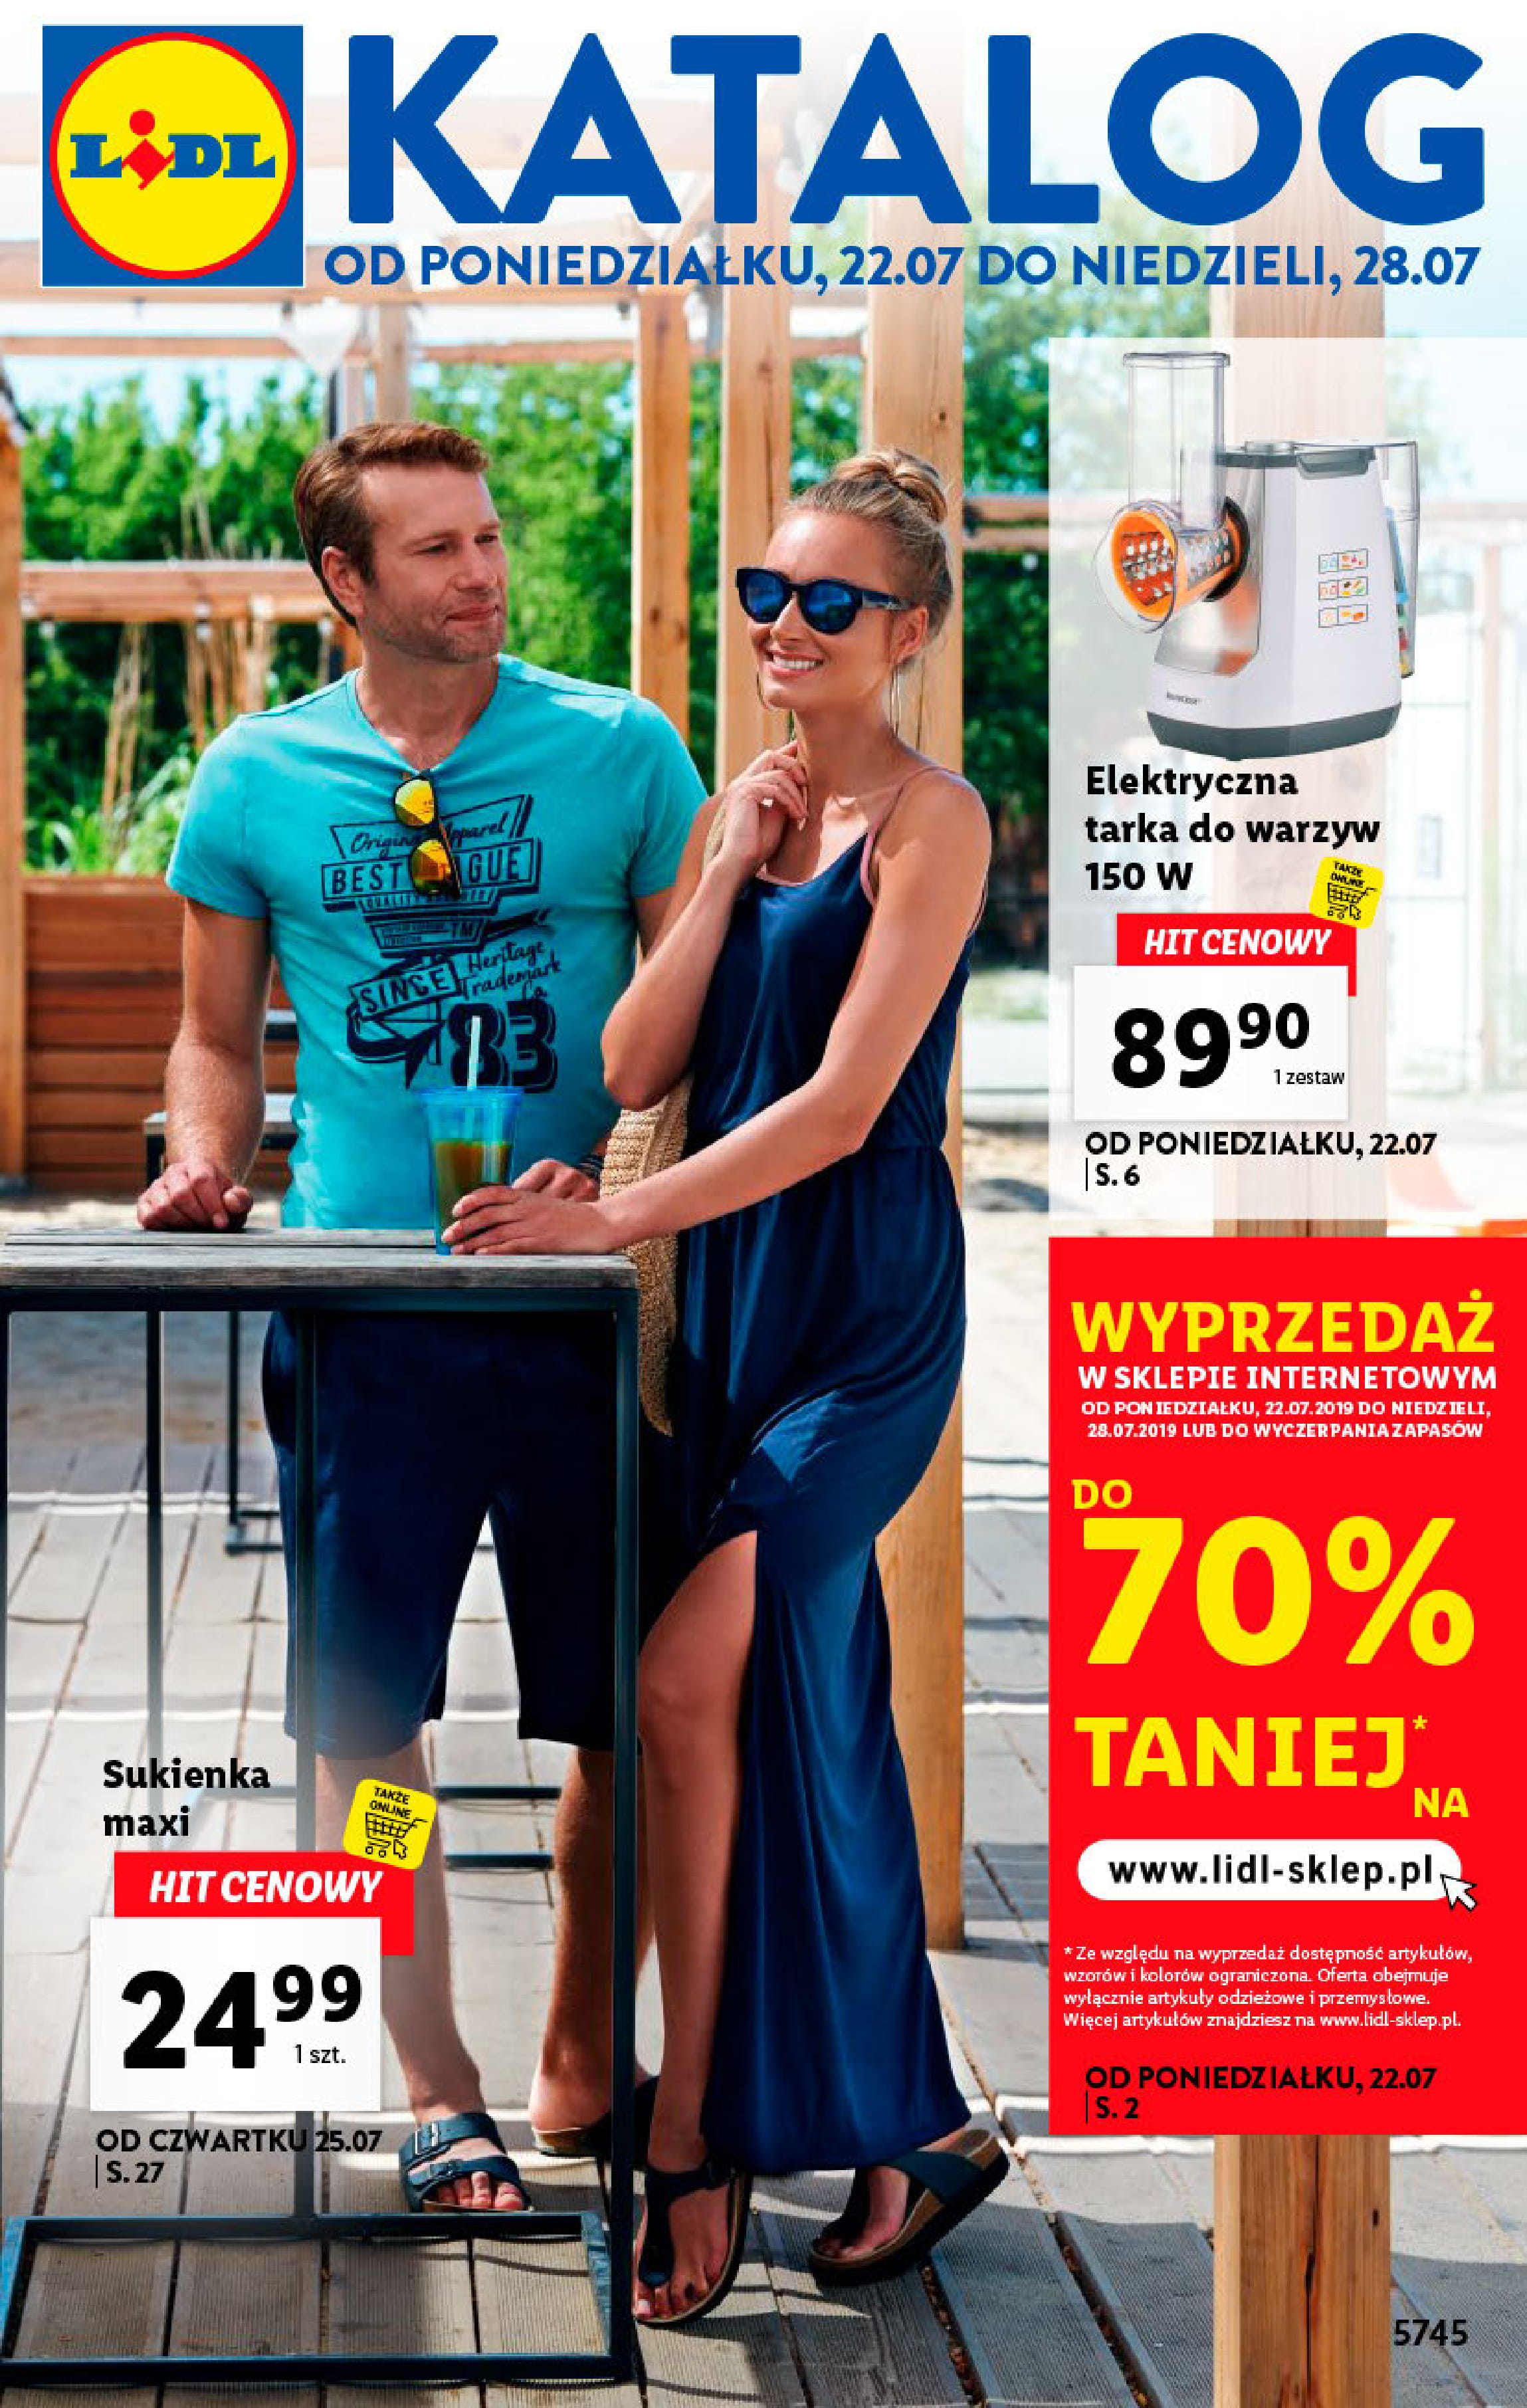 4dae5f516a0471 Lidl gazetka, oferta, promocje od 22.07   Aktualne Gazetki Promocyjne